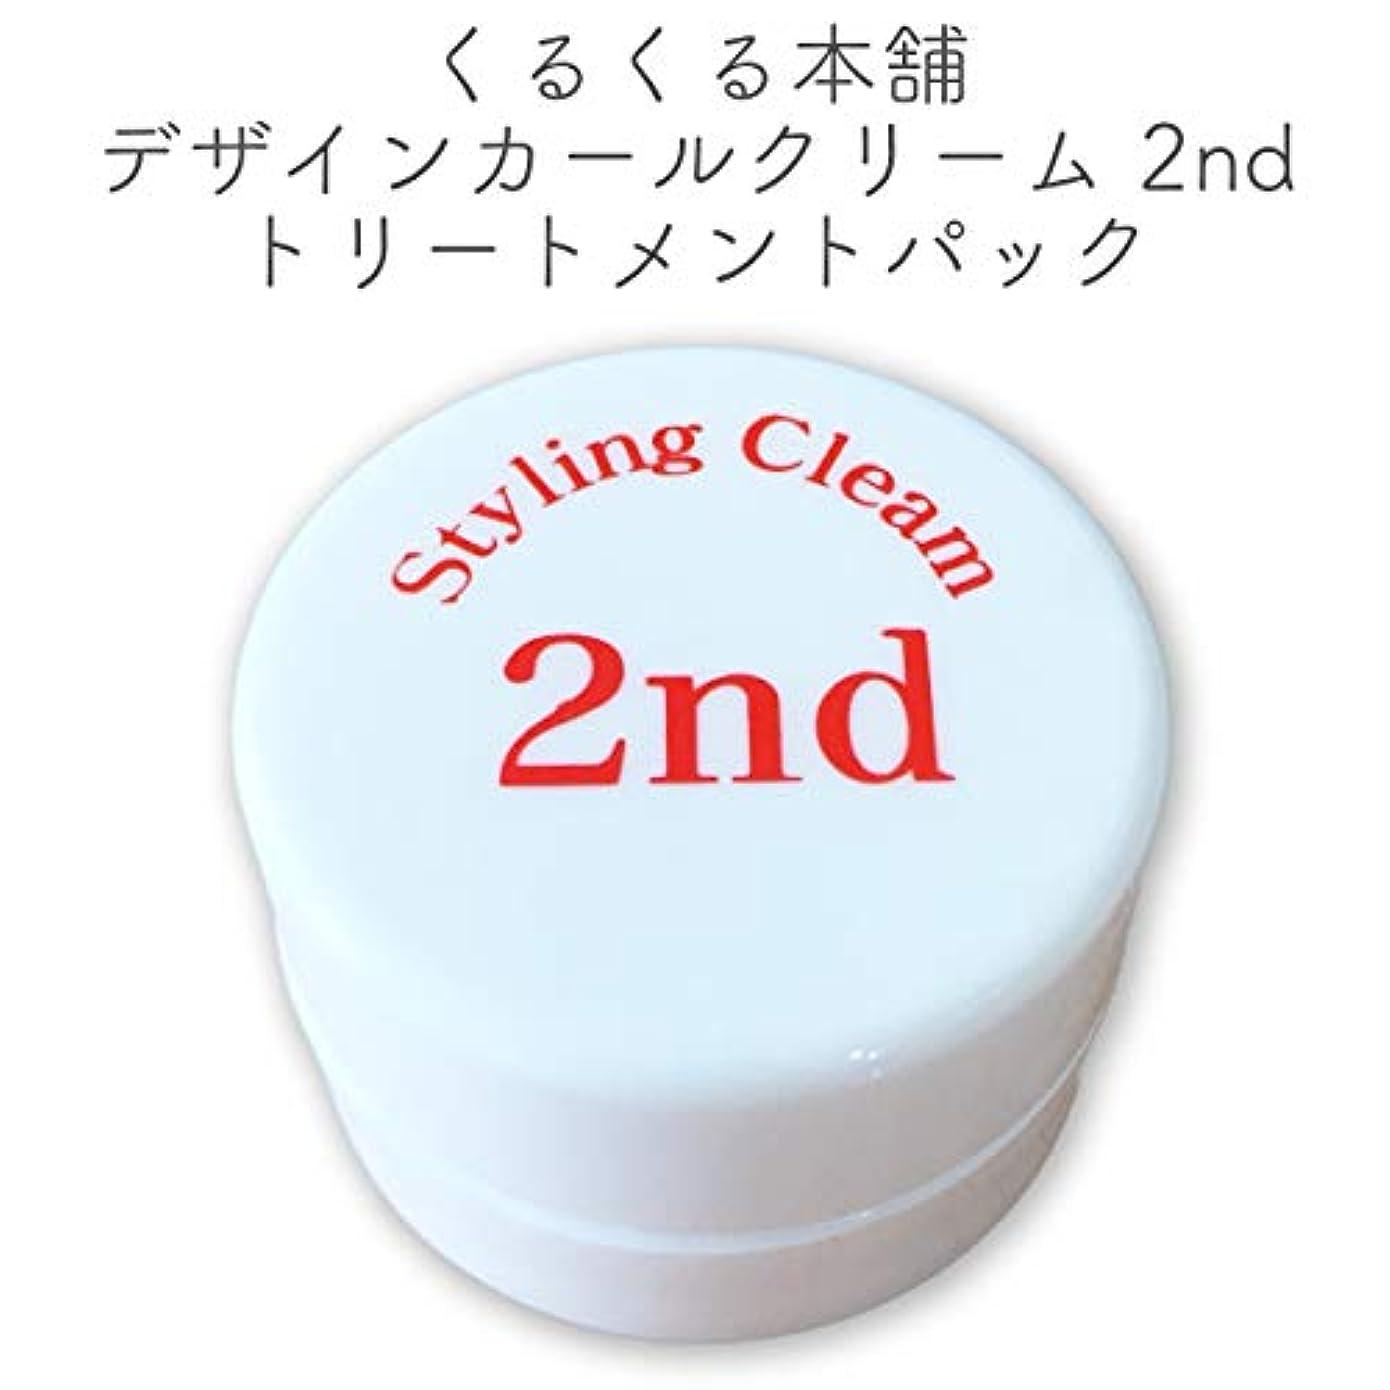 エトナ山彼女の優勢くるくる本舗 デザインカールクリーム 2nd スタイリングクリーム